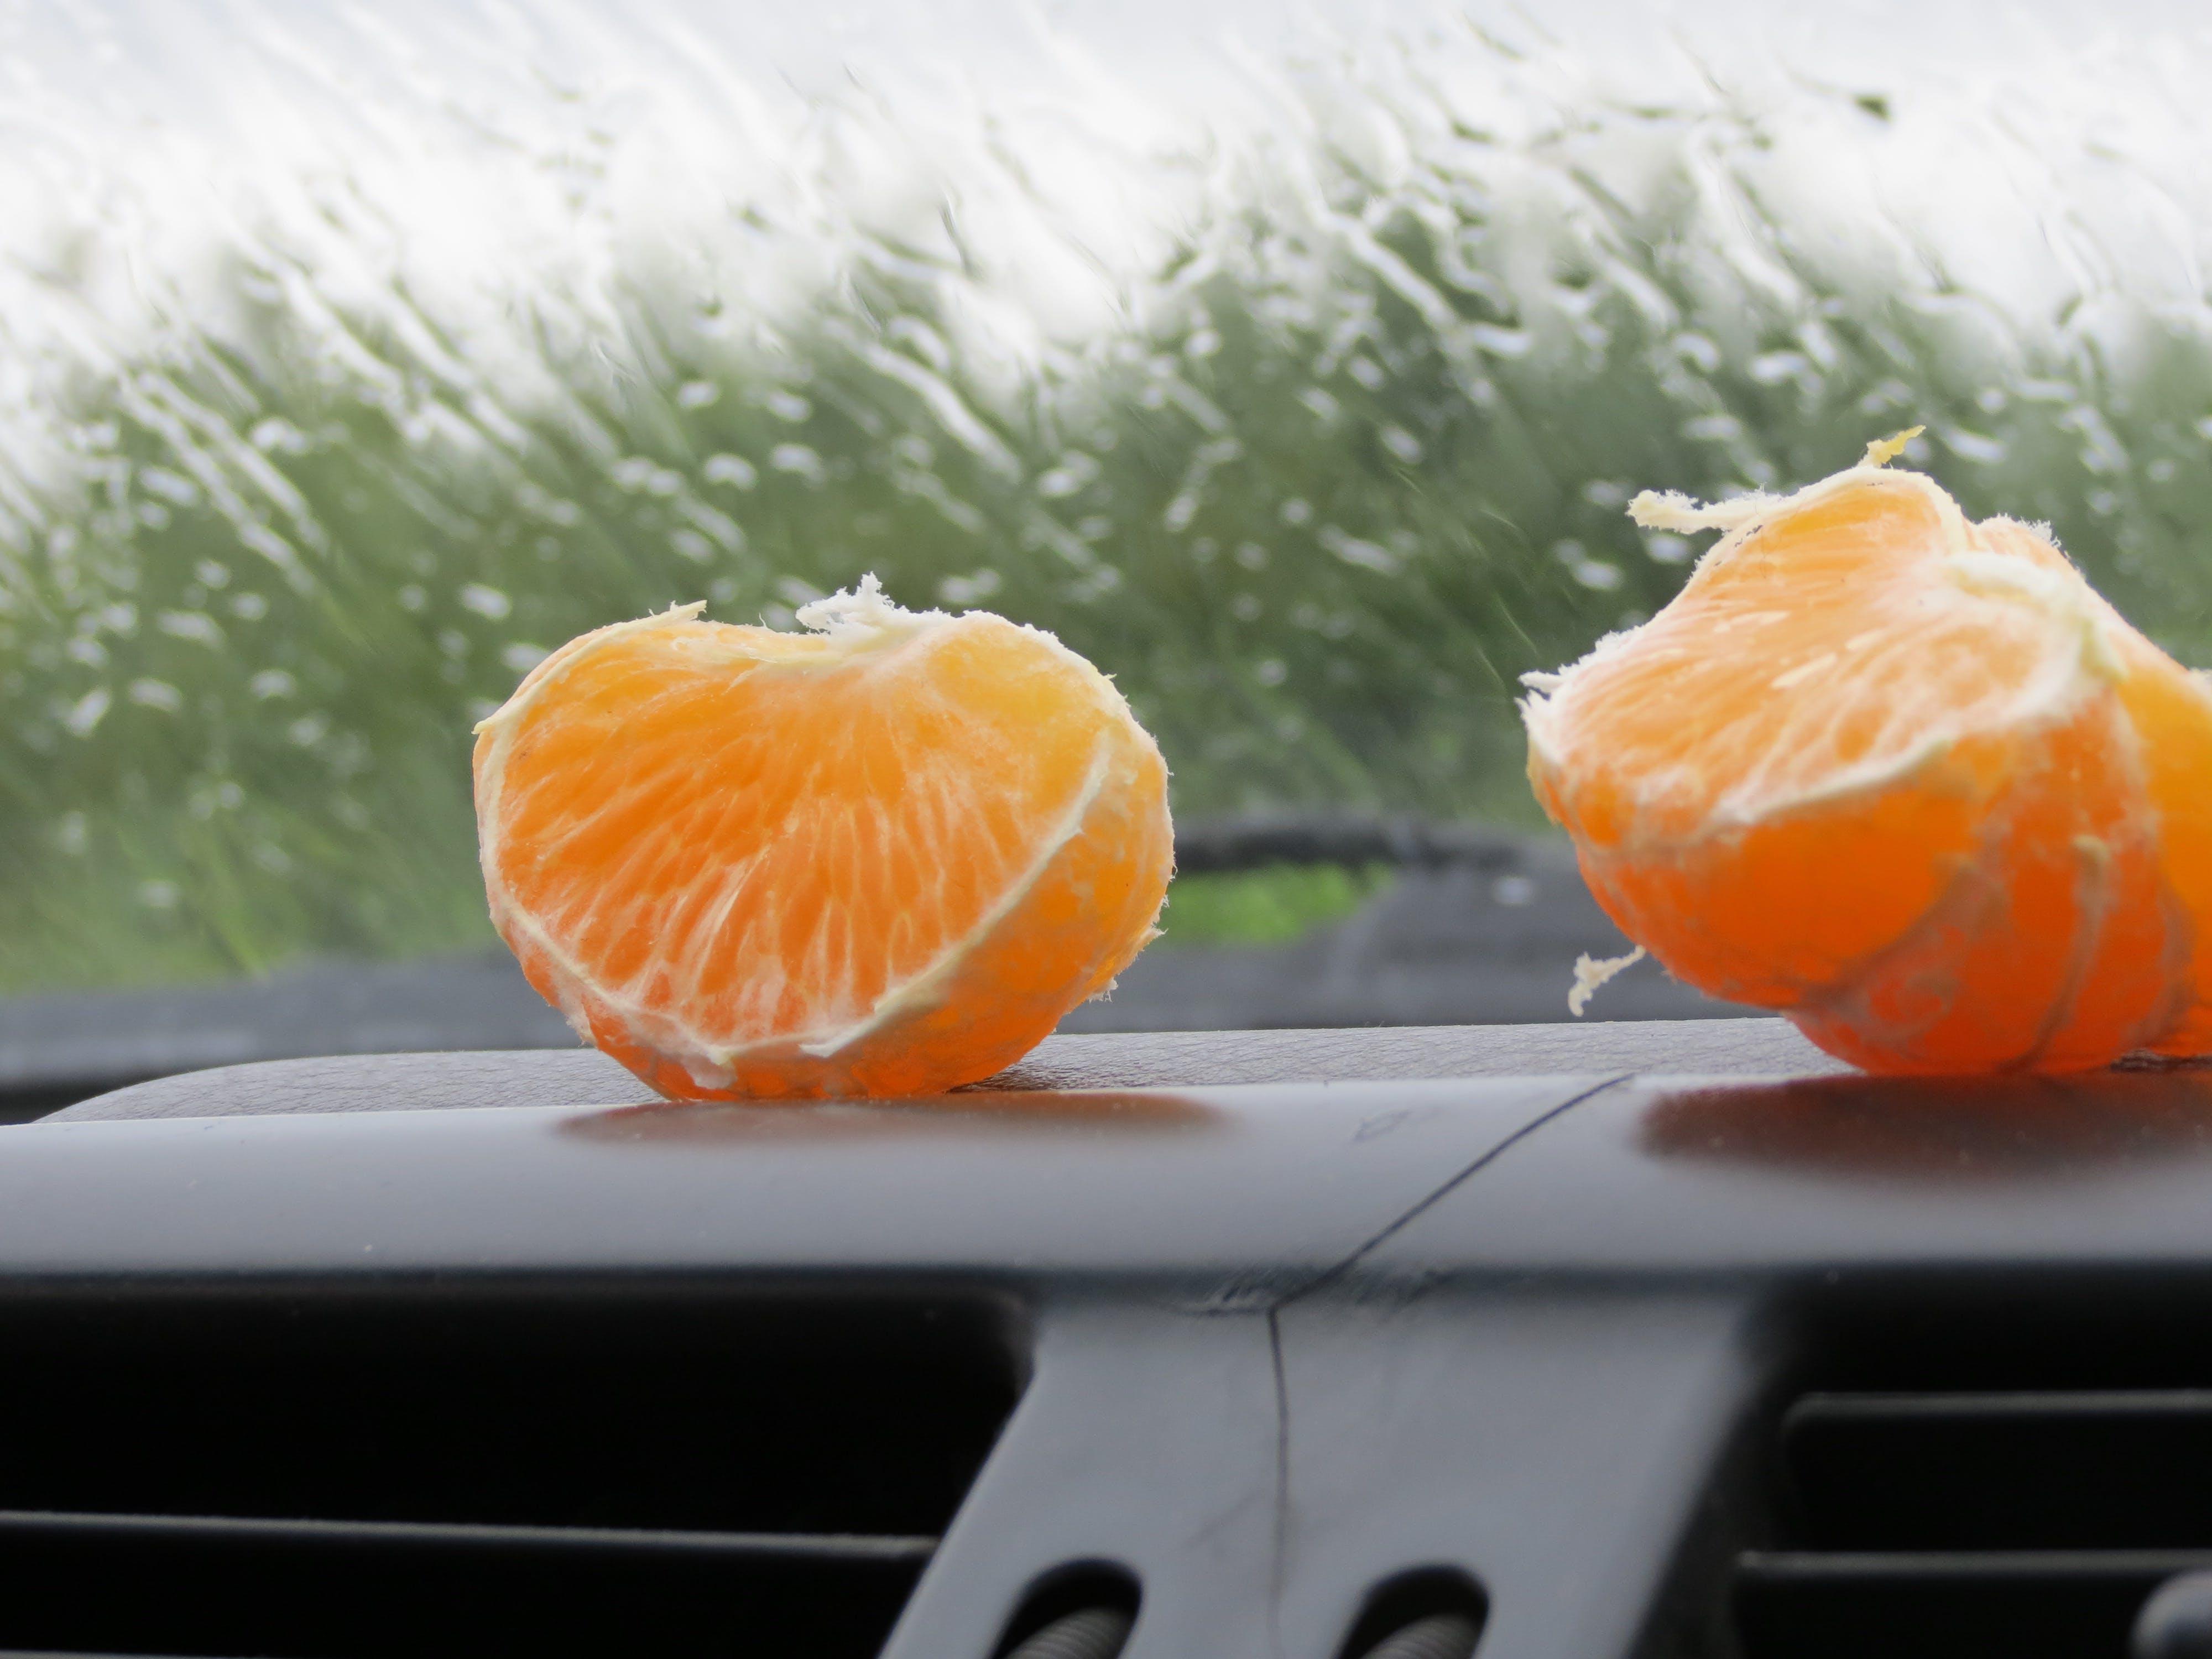 감귤류, 귤, 대시 보드의 귤, 오렌지의 무료 스톡 사진